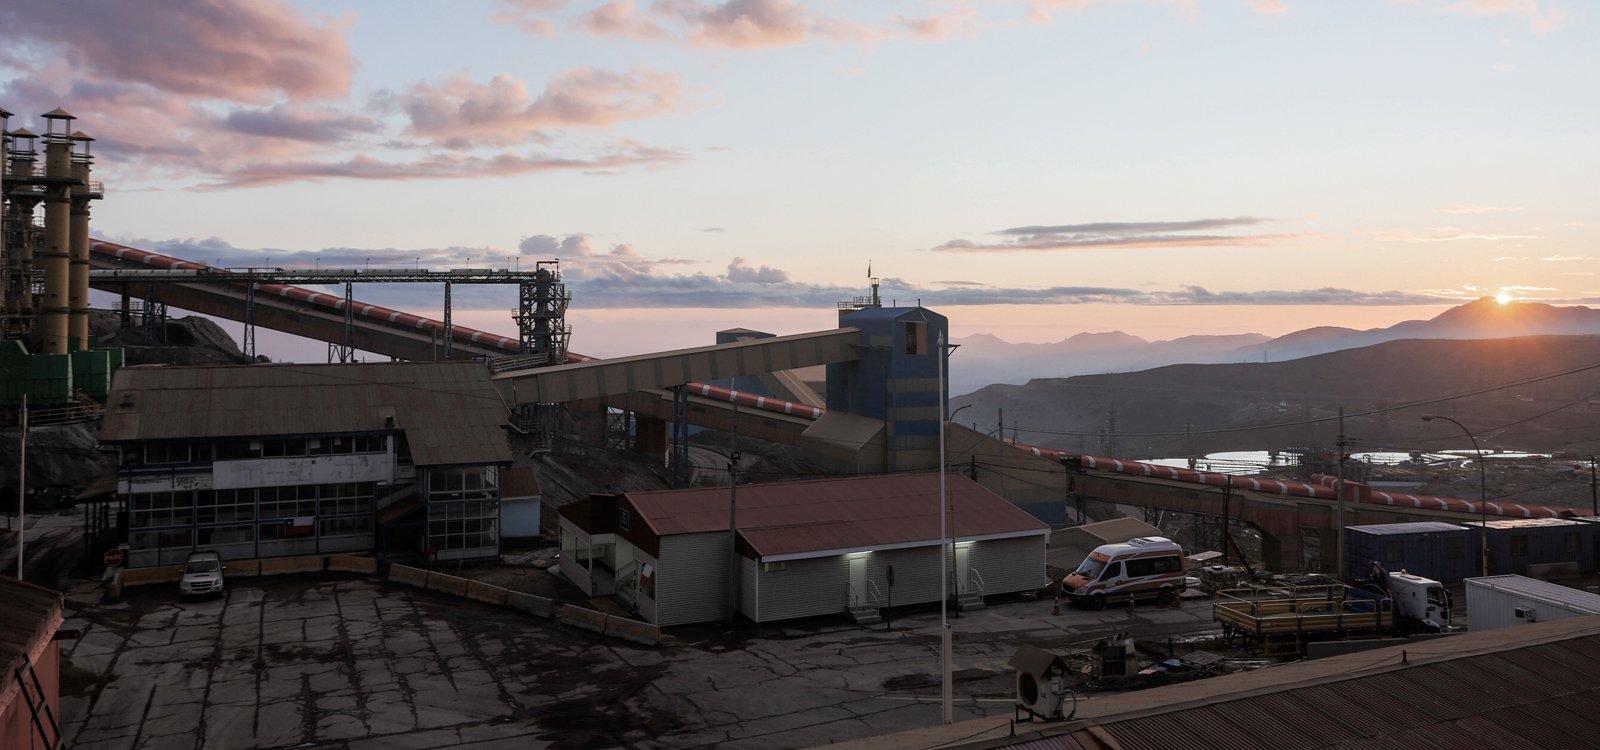 En la mina El Teniente, una expansiva operación minera a 2.400 metros sobre el nivel del mar en la Cordillera de los Andes, no faltan las vistas majestuosas.